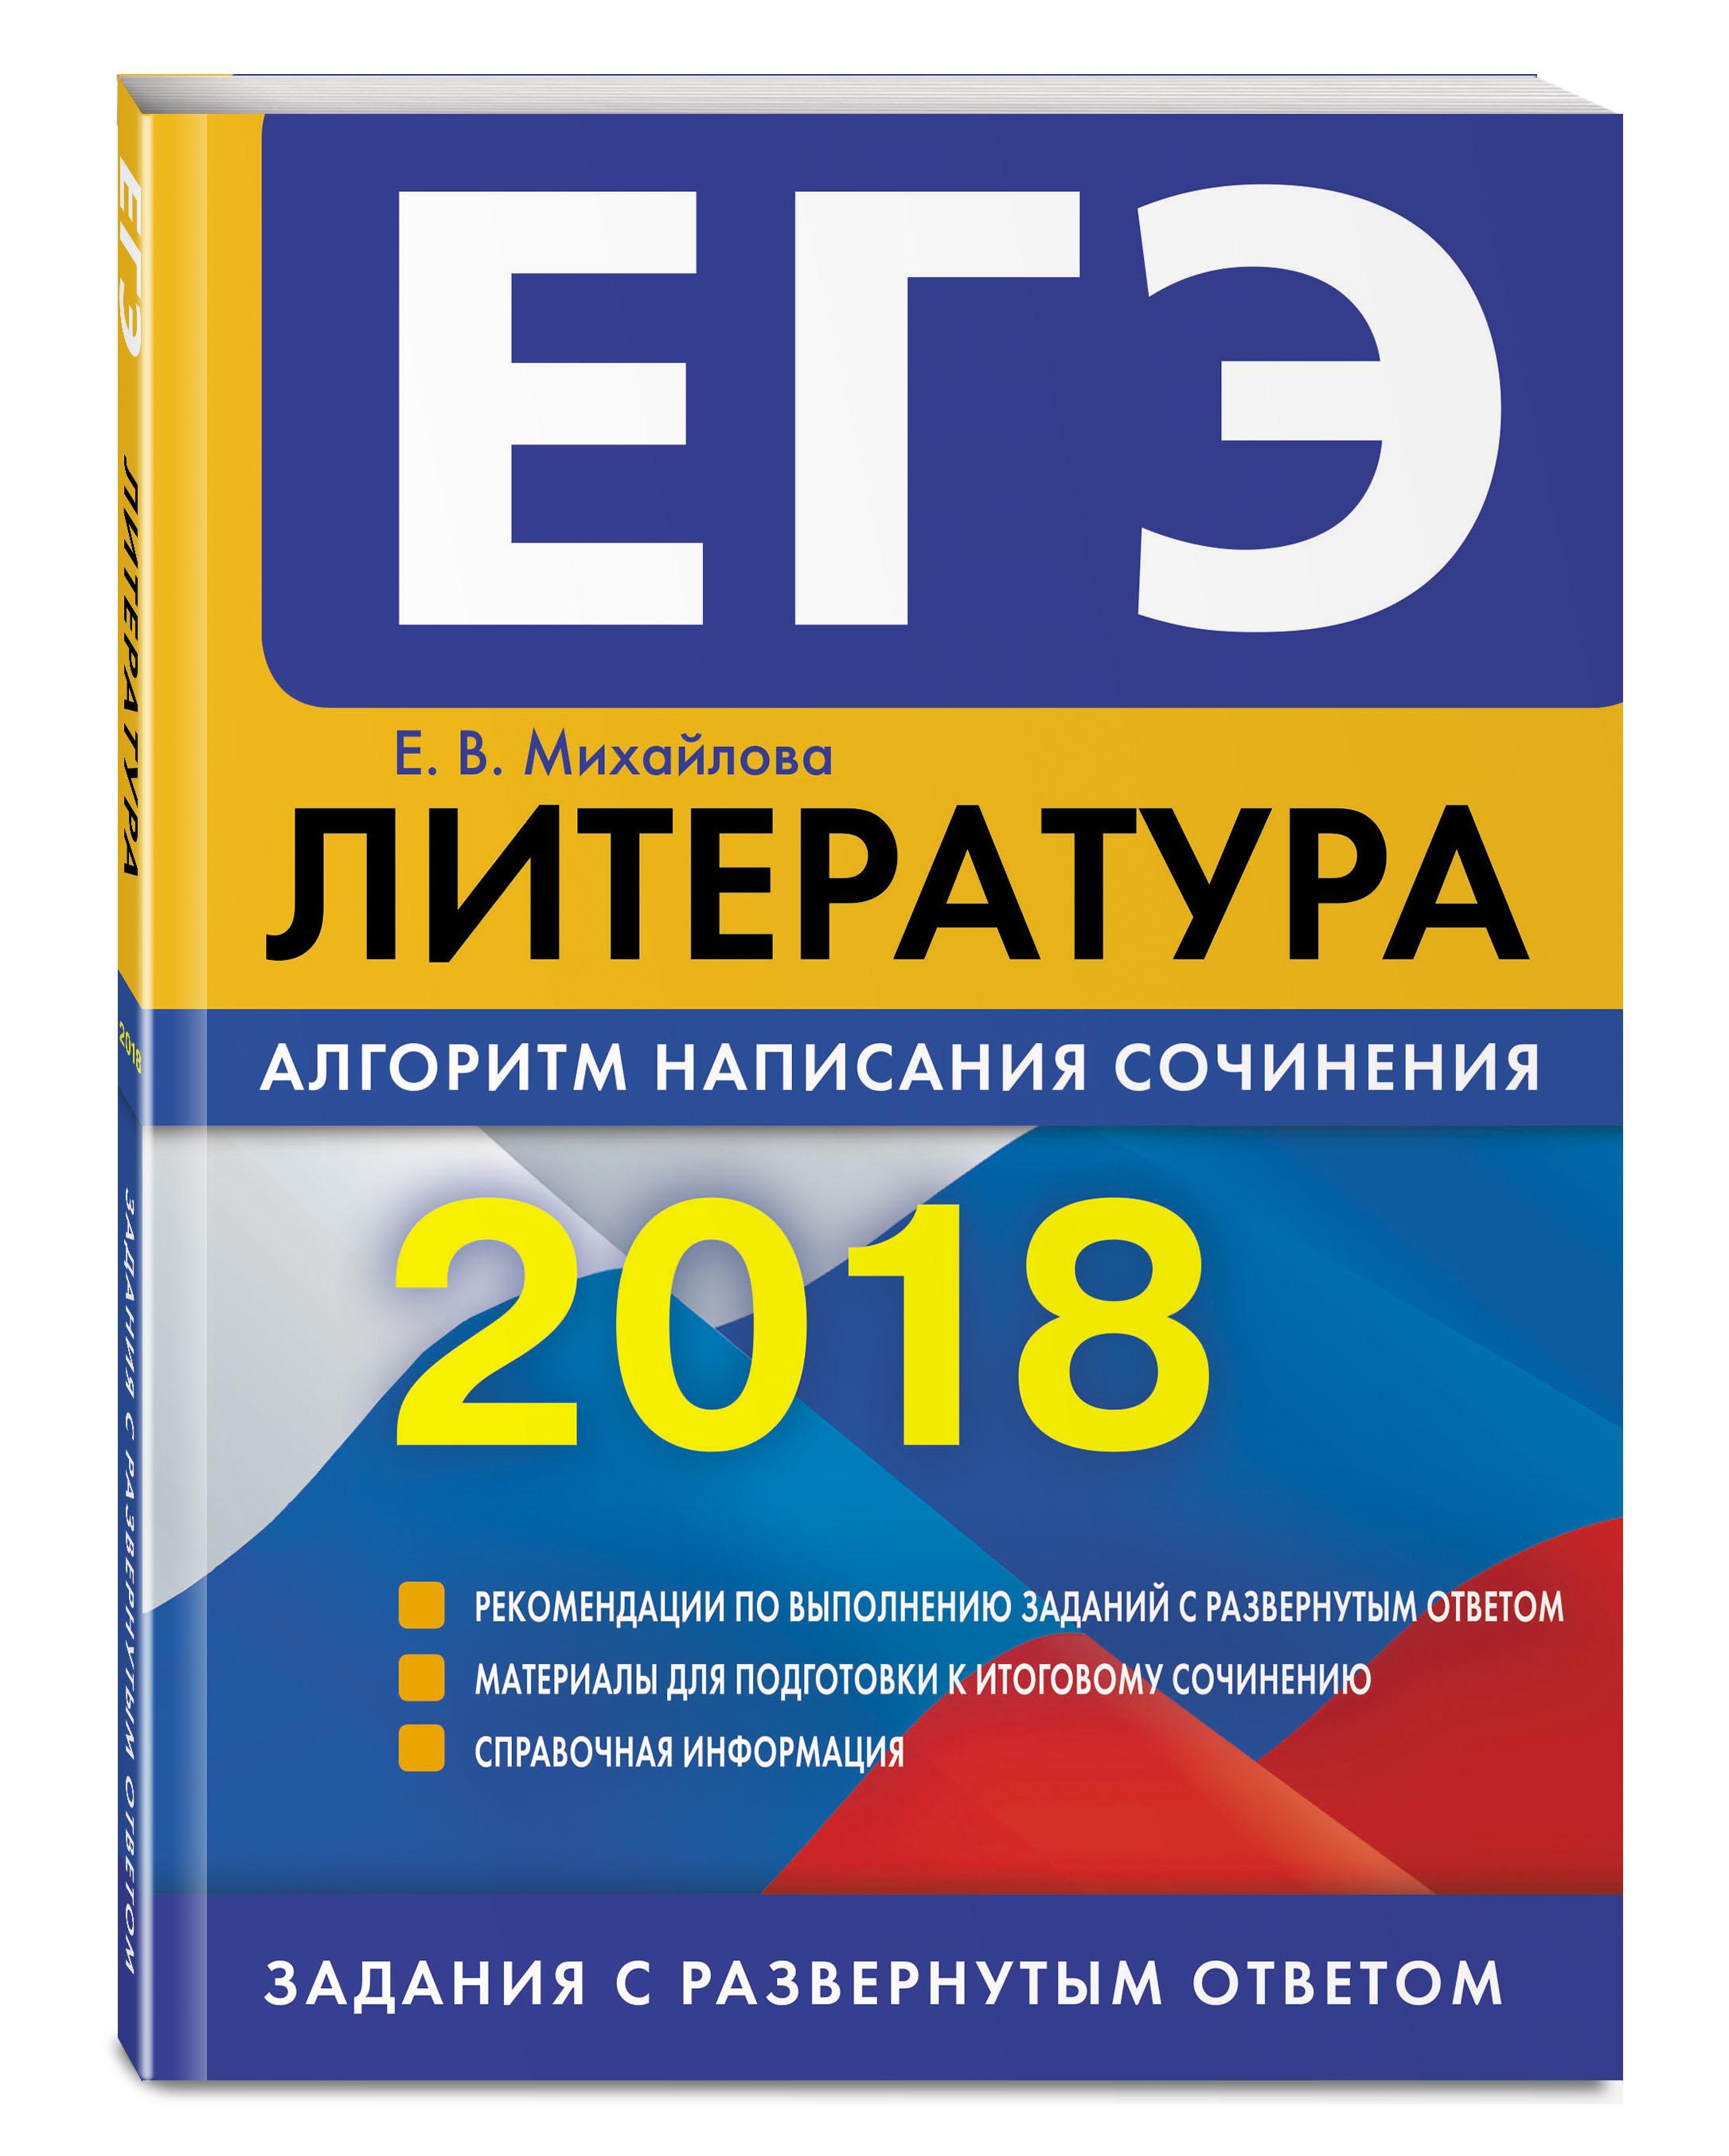 ЕГЭ-2018. Литература. Алгоритм написания сочинения ( Михайлова Е.В.  )